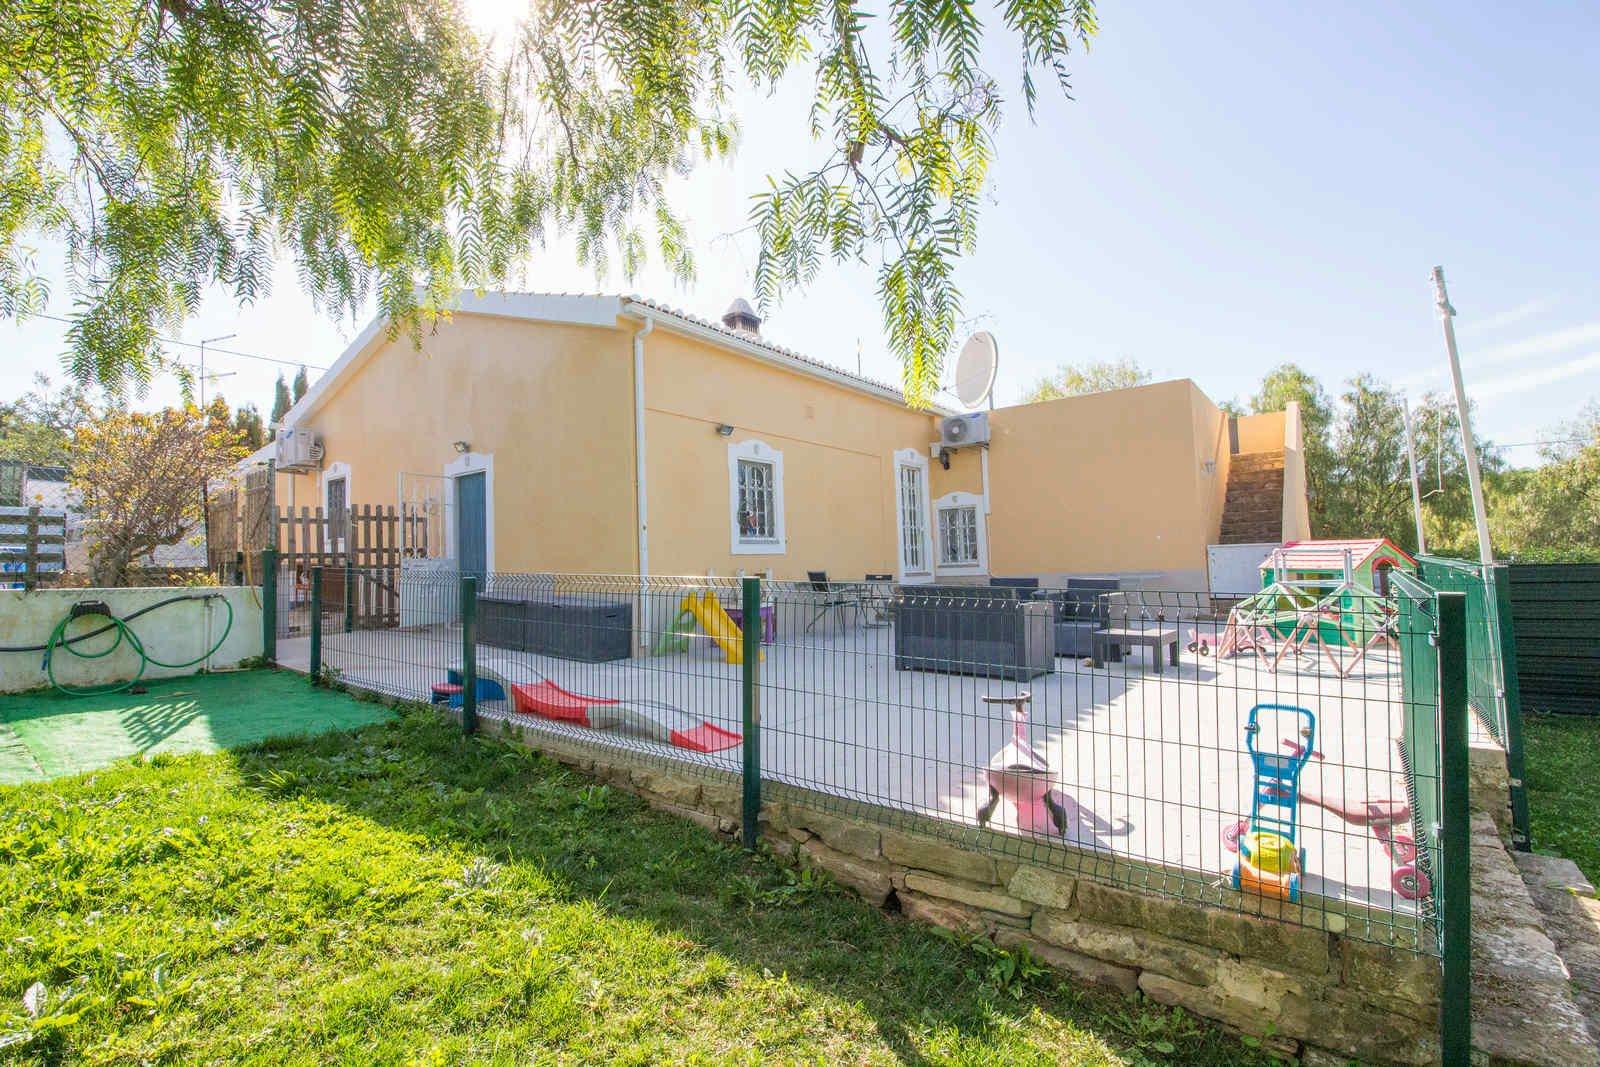 3 Bedroom Villa Sao Bras de Alportel, Central Algarve Ref: PV3457